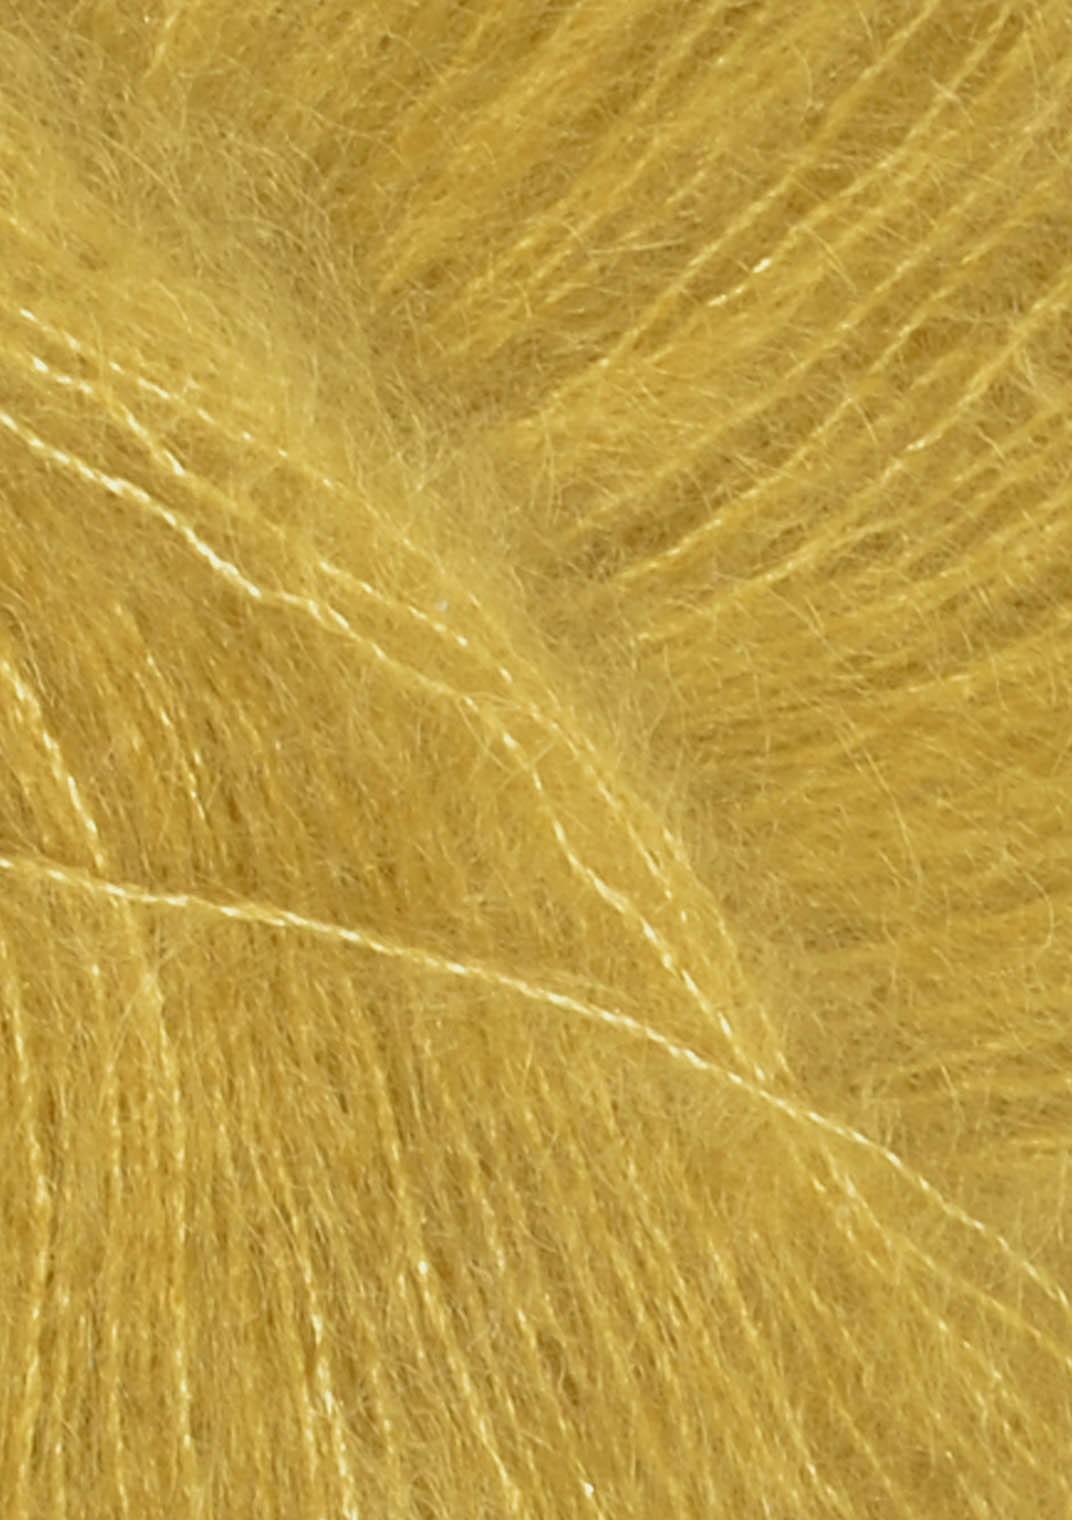 2024 Gulgrøn Tynn silk mohair sandnes garn